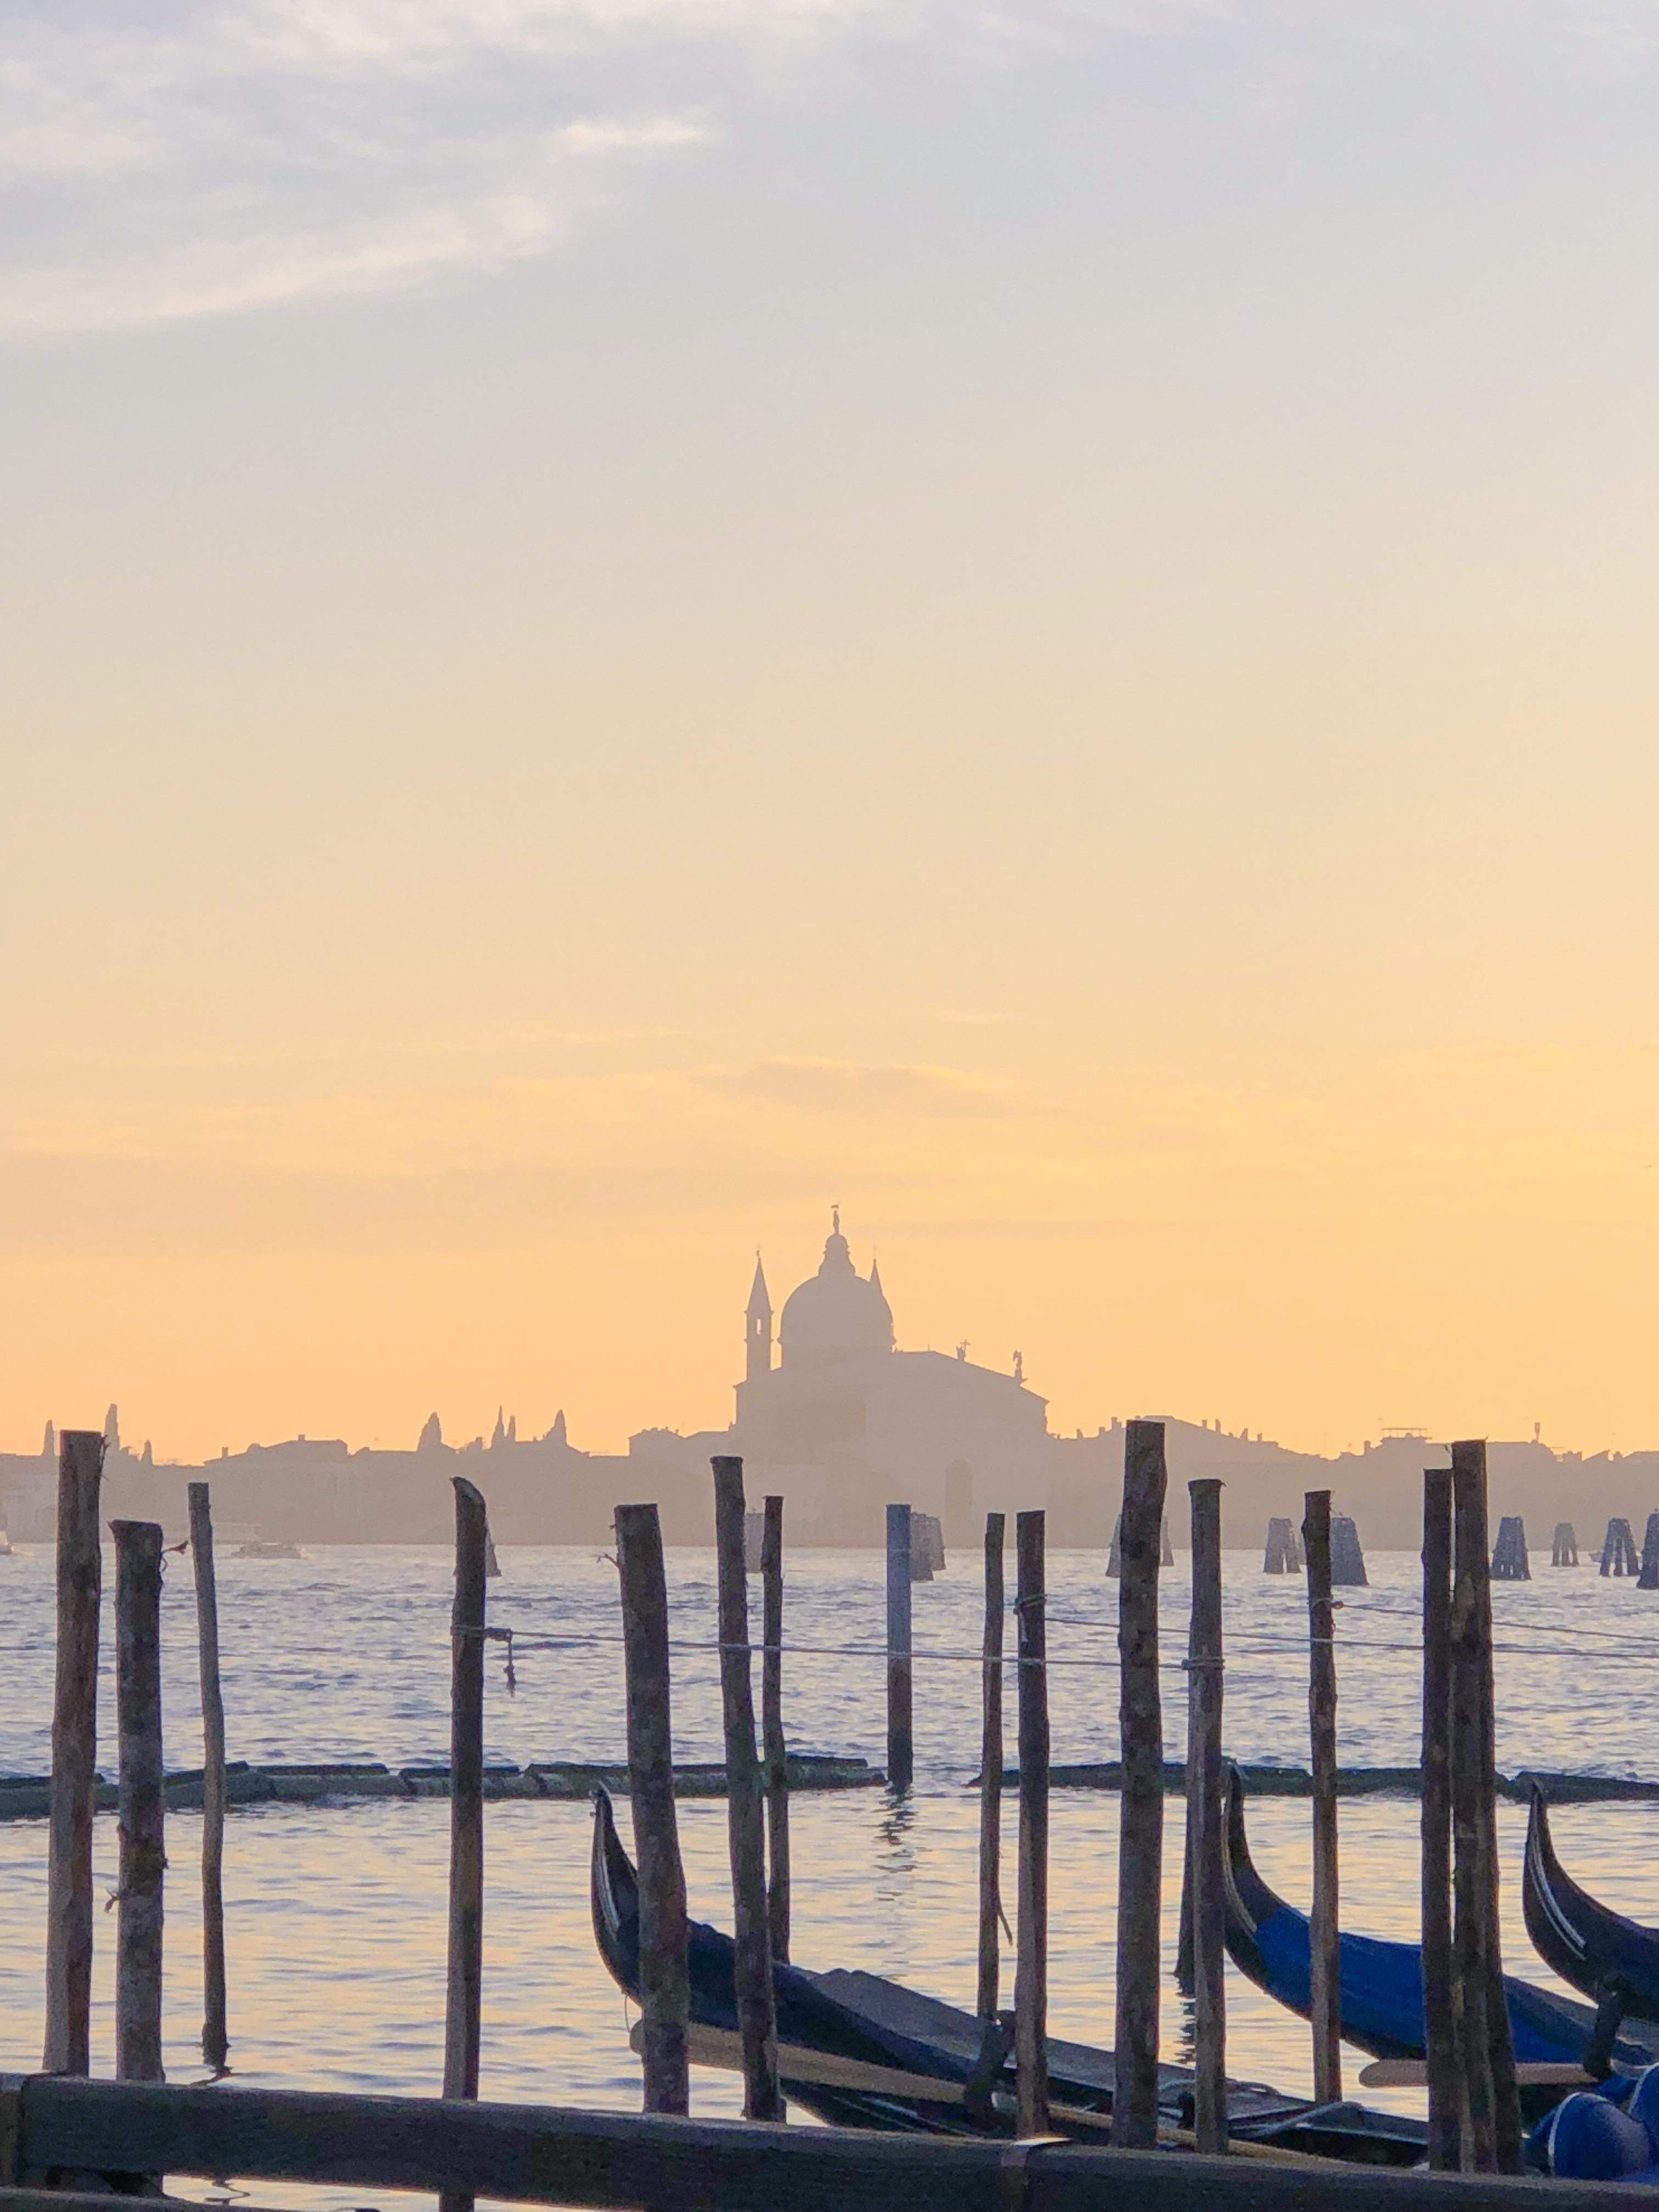 Guia de Veneza - O que fazer em Veneza